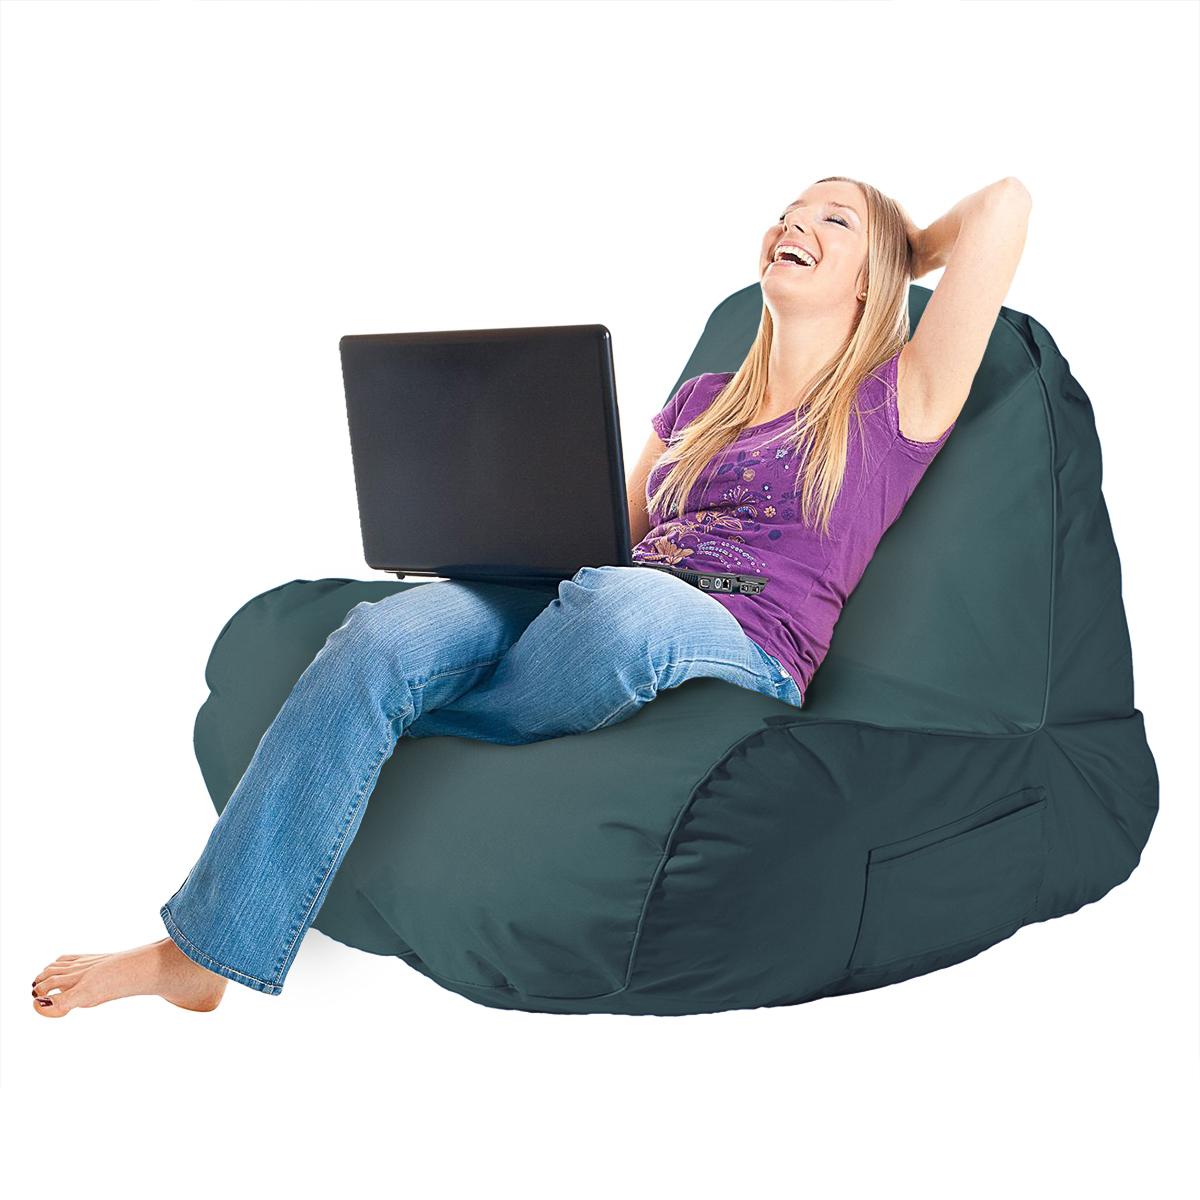 Original Comfy Chair Indoor Outdoor Beanbag Dorm Lounger